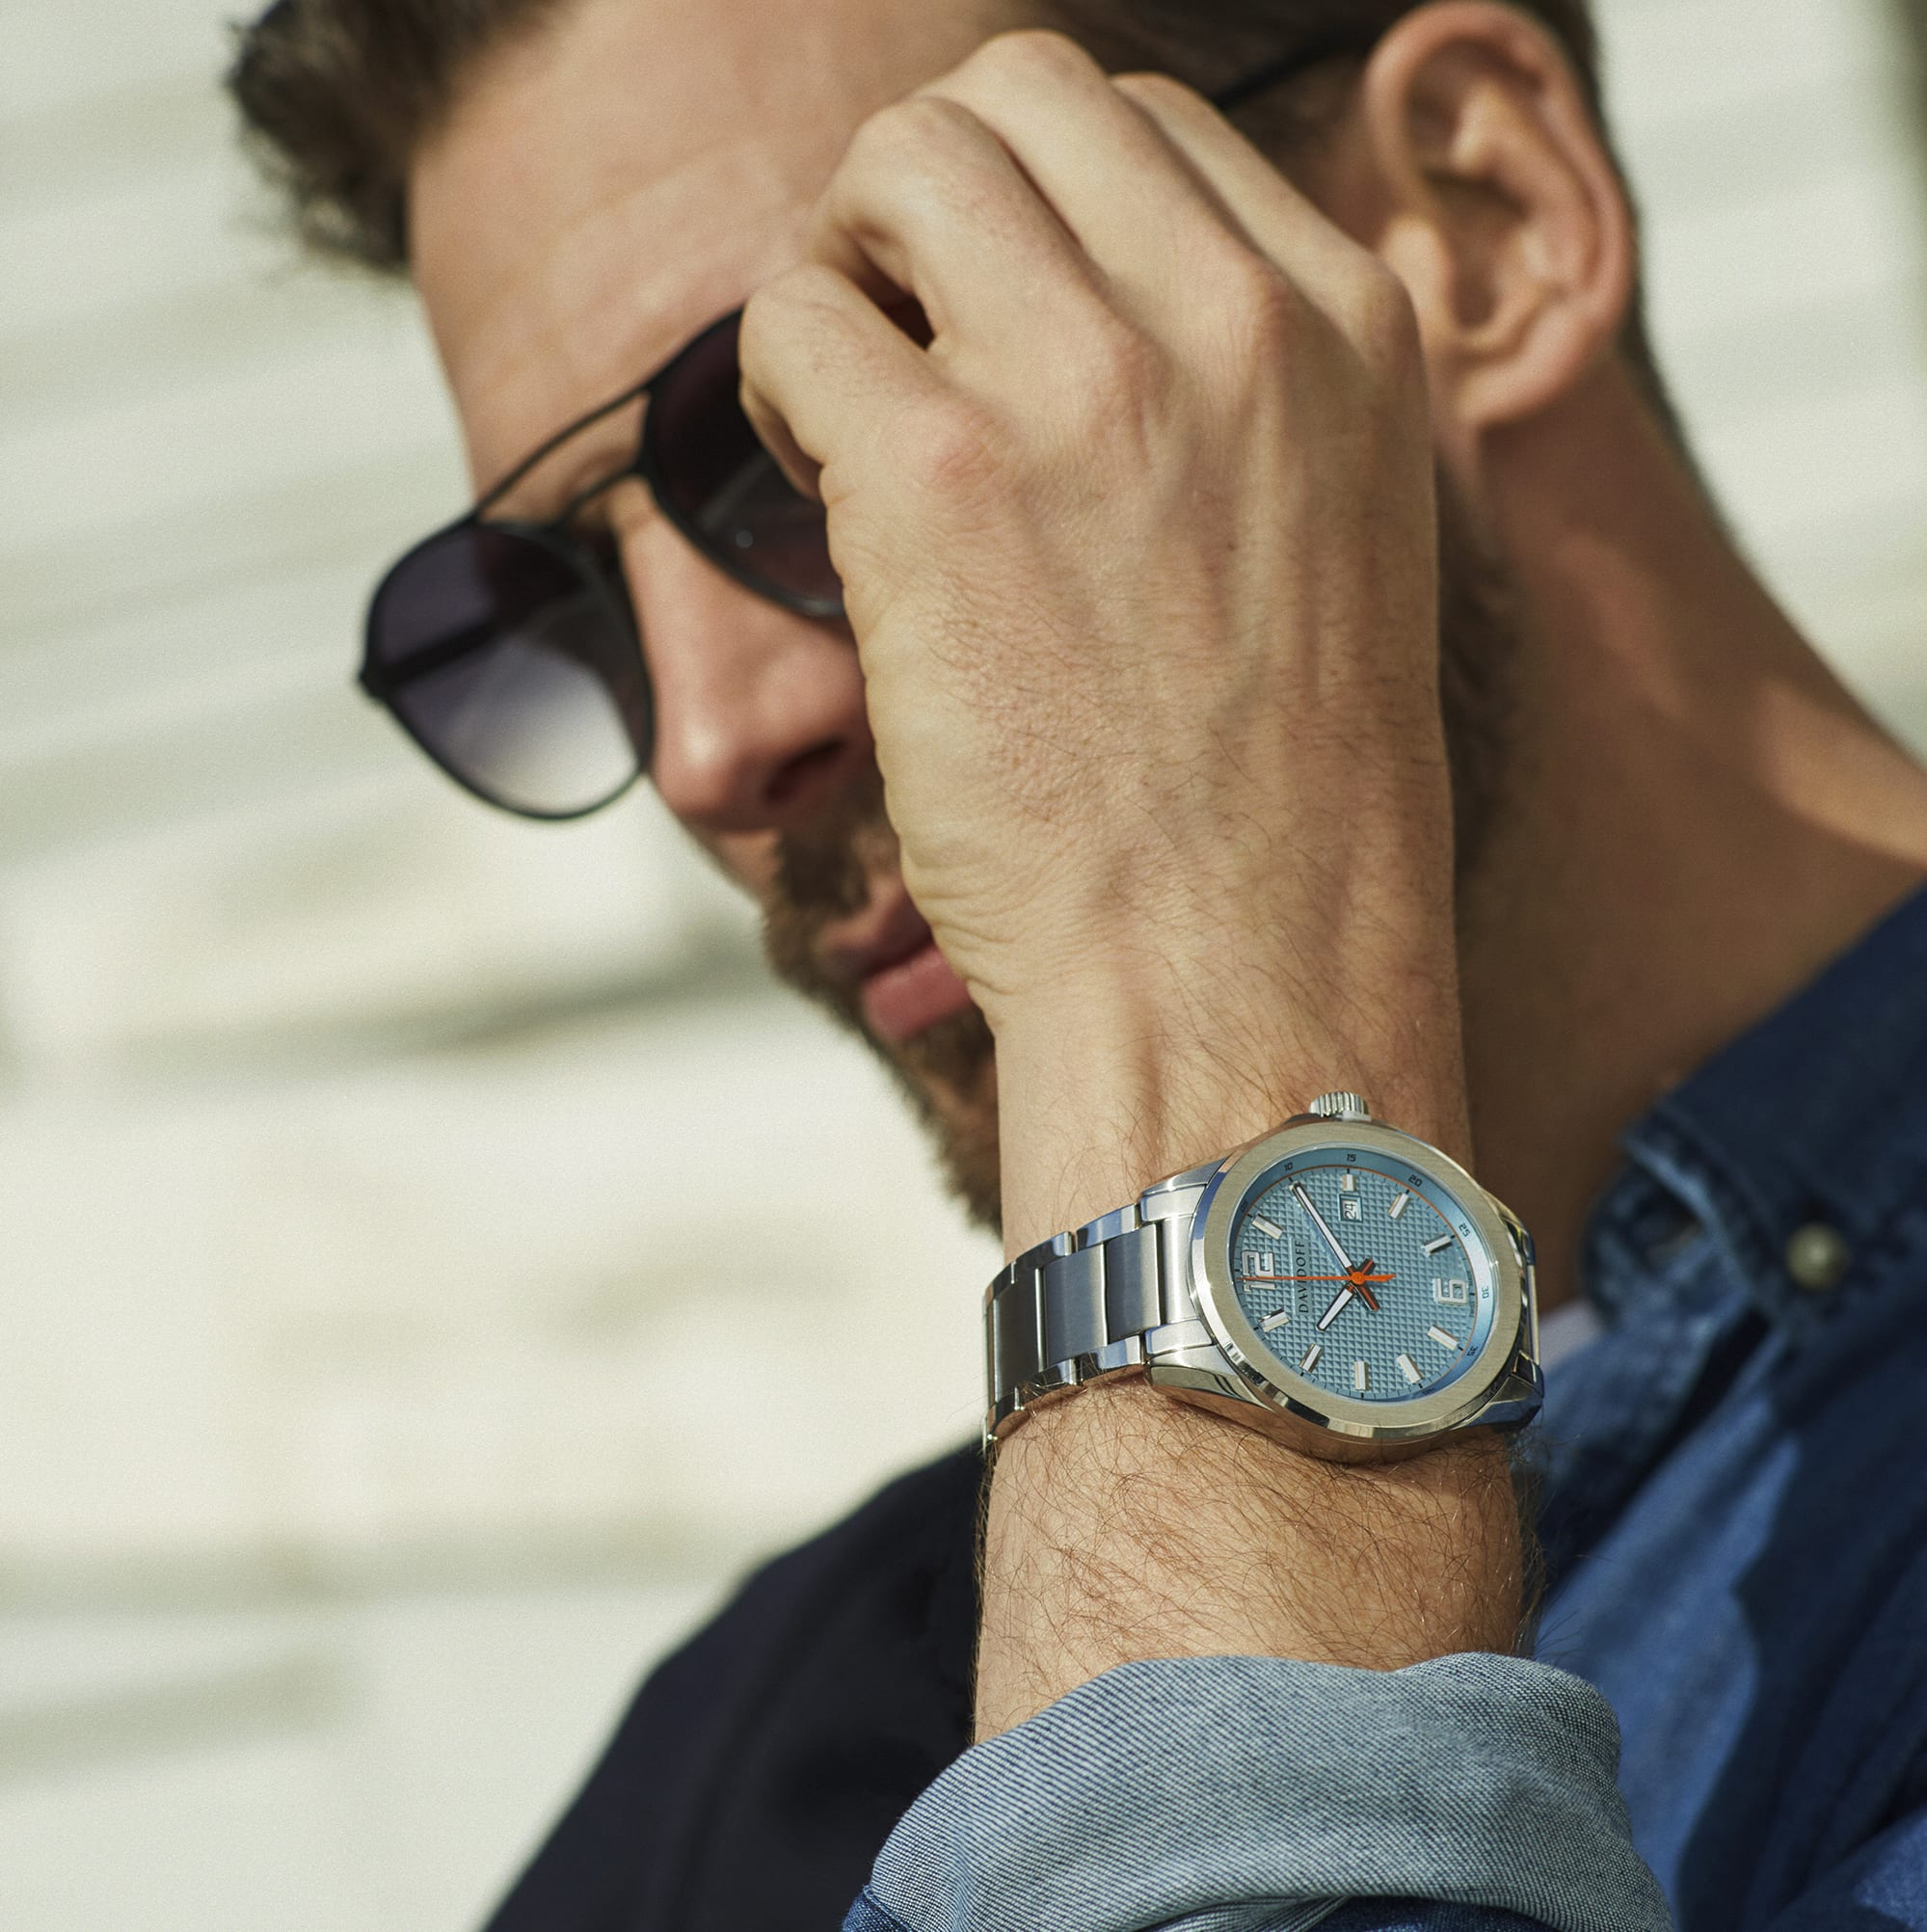 DAVIDOFF - Eyewear and watches